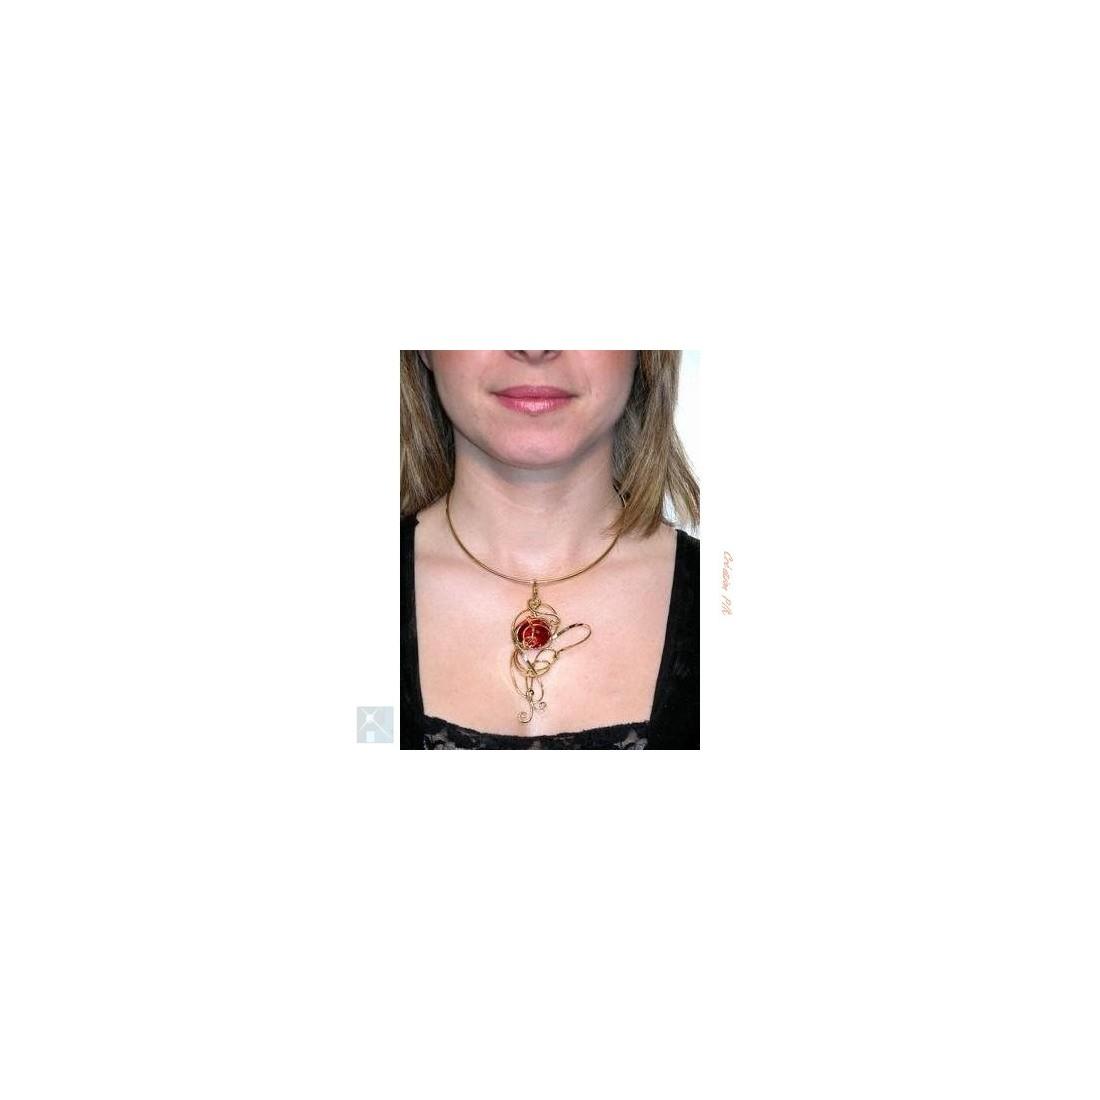 Collier de créateur doré et rouge rubis, bijou fantaisie avec une pierre rouge